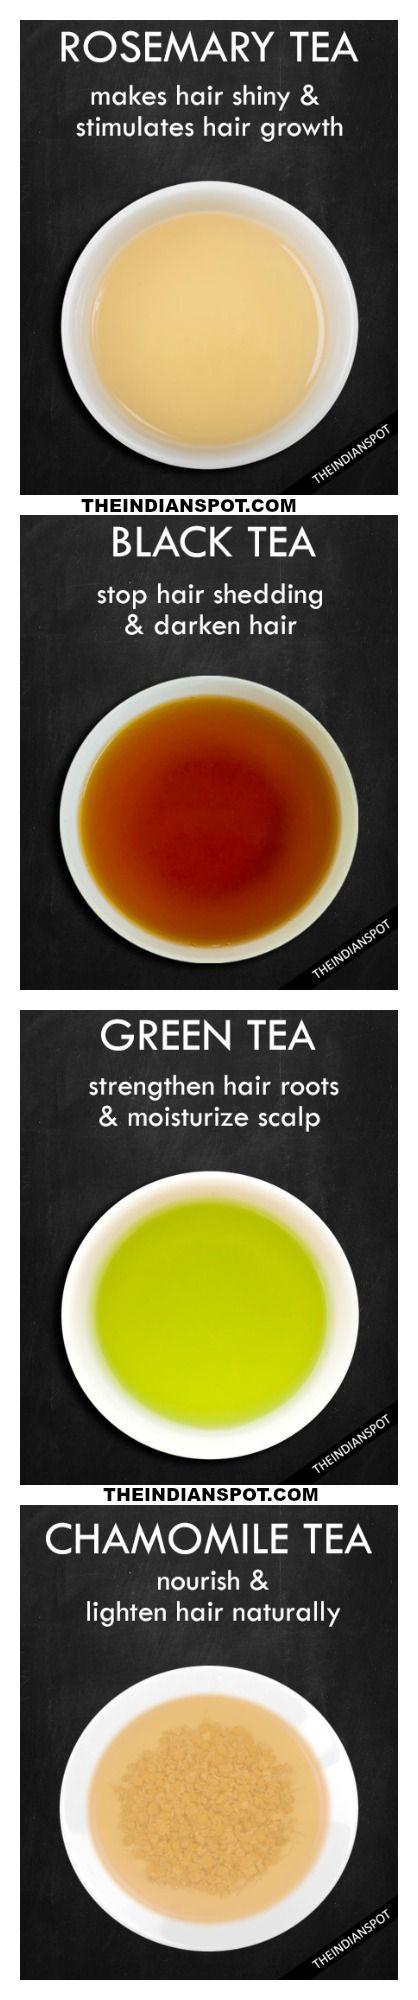 How tea can help your hair shine